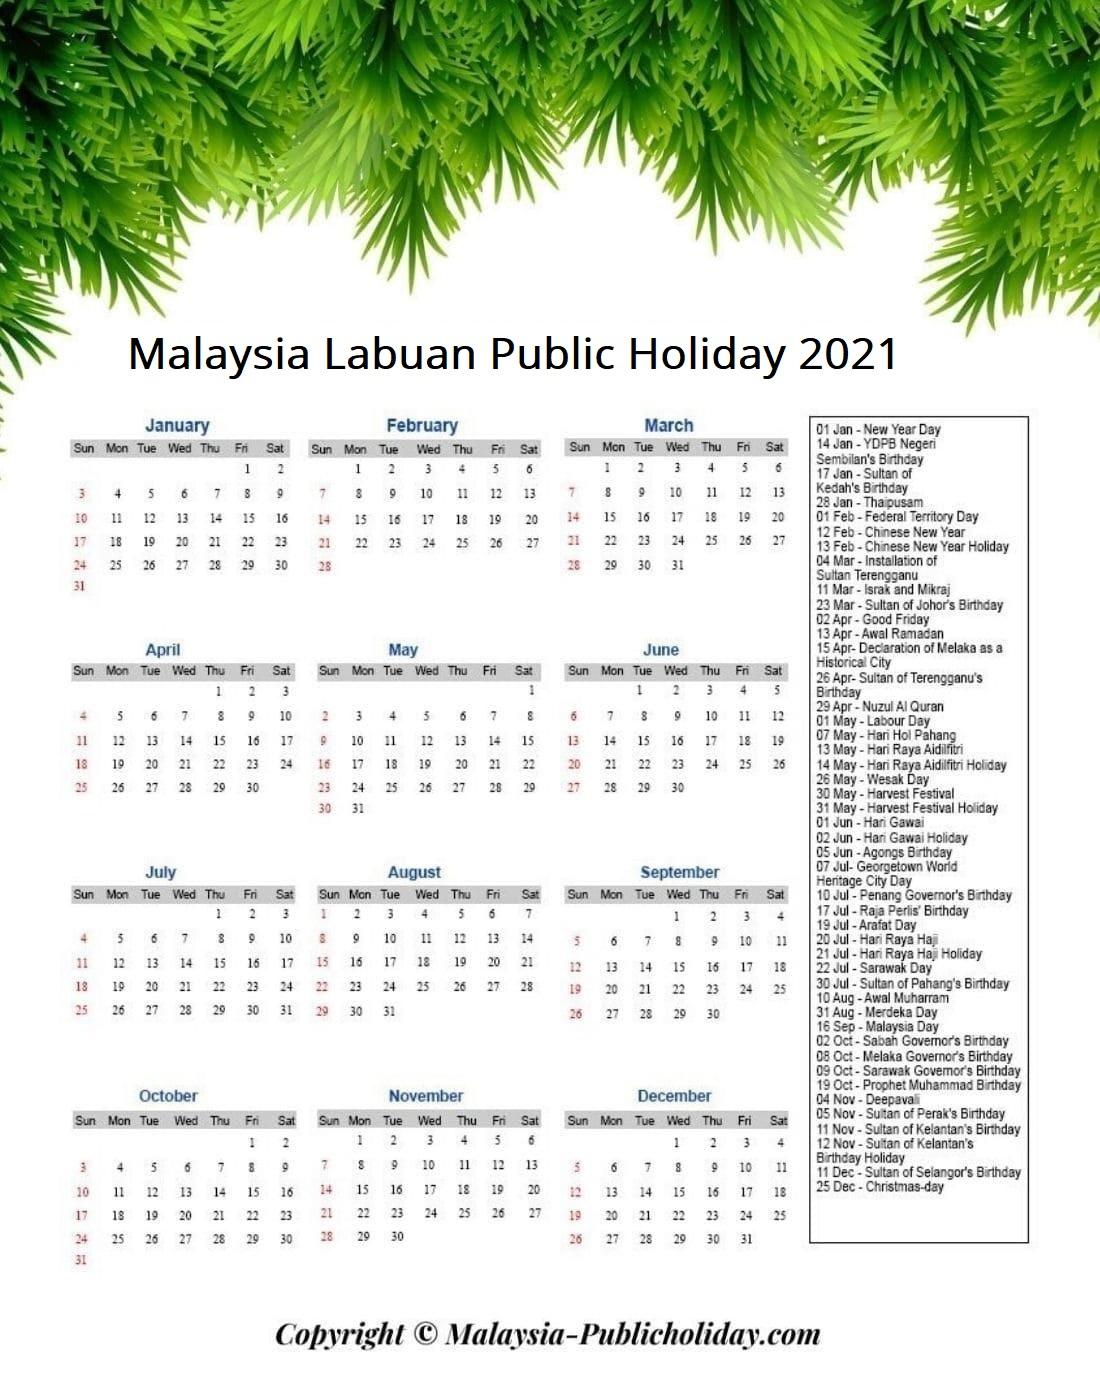 Labuan Holiday 2021 Malaysia